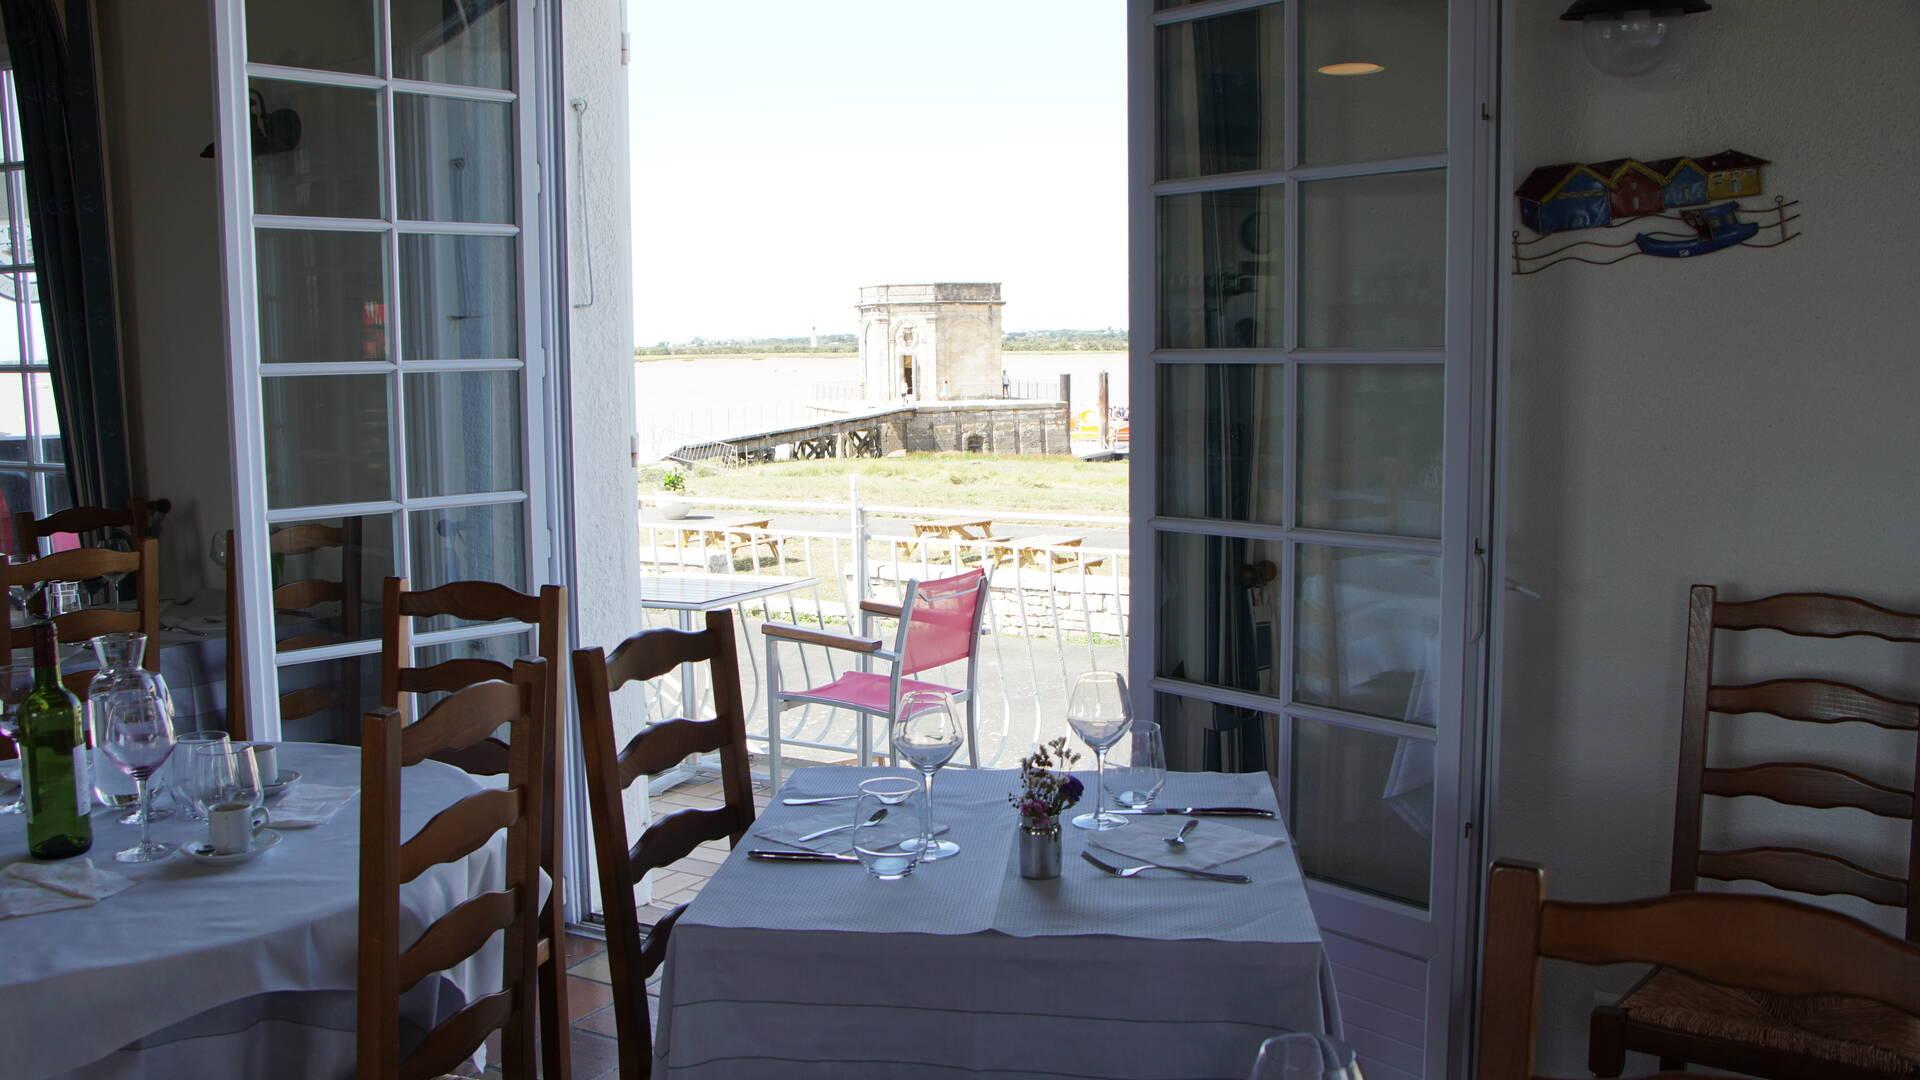 Restaurant L'Escale de Lupin, St Nazaire sur Charente, Rochefort Océan ©Chrystelle ECALE